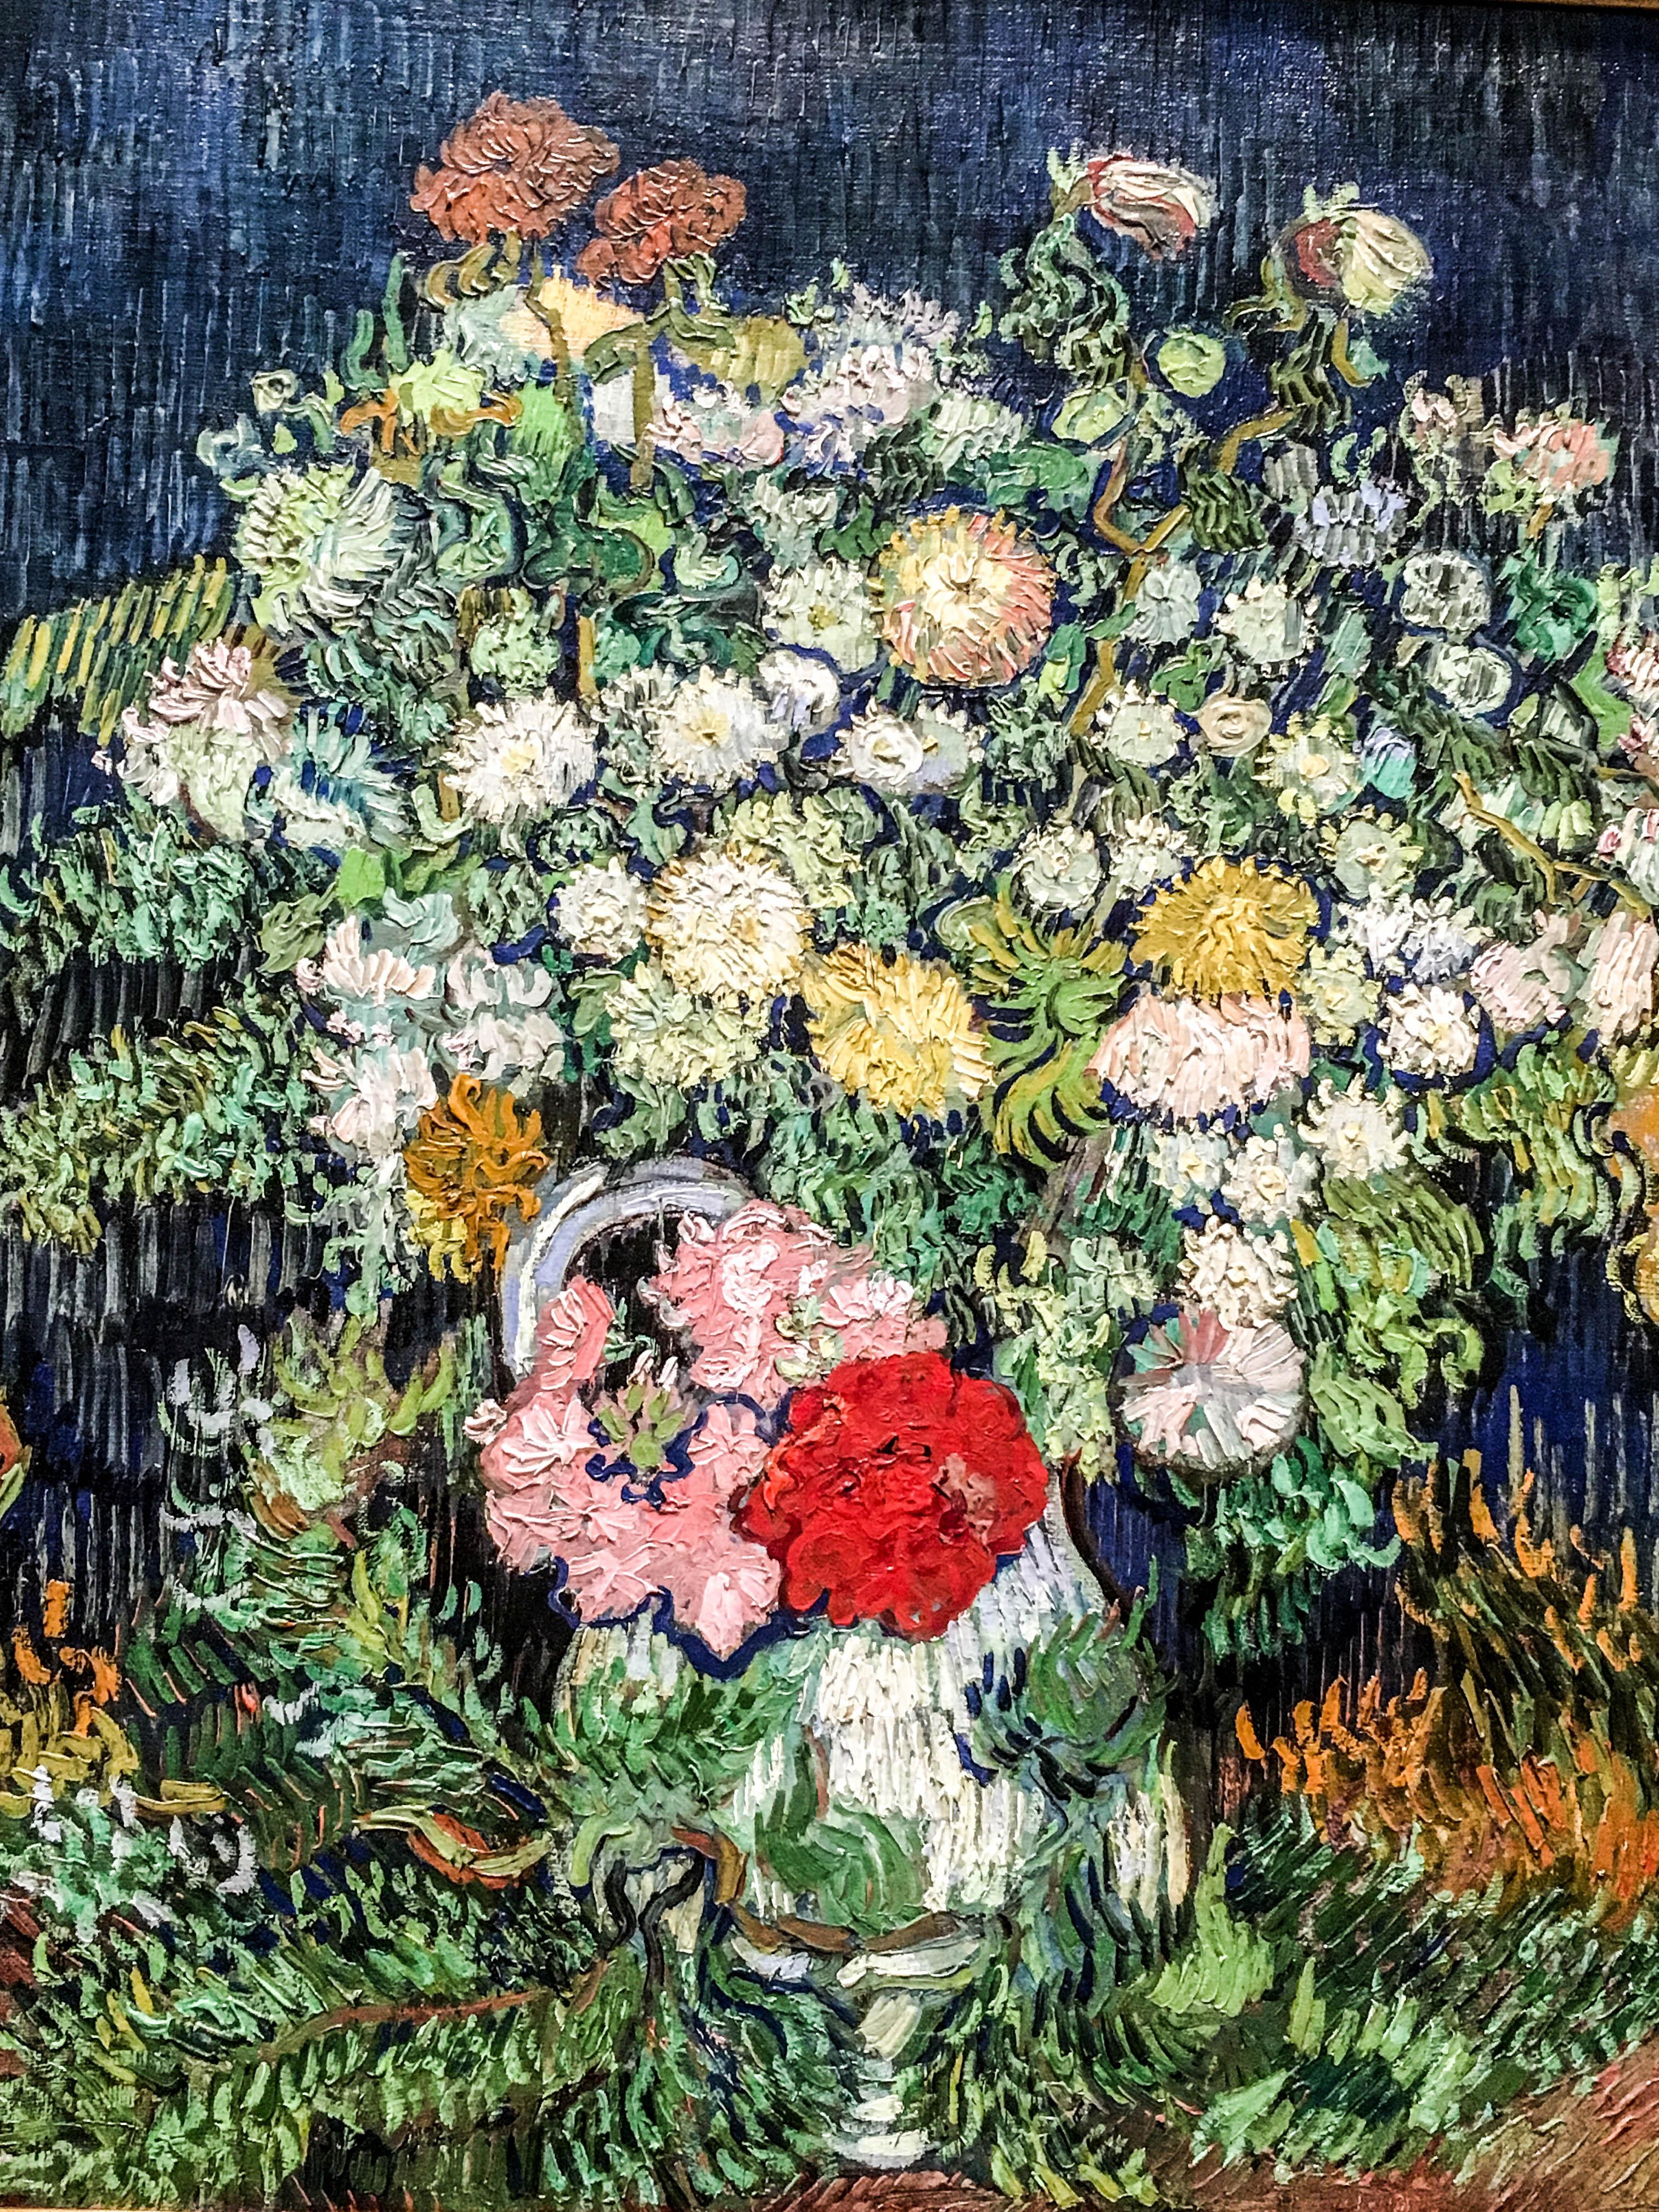 IMetropolitan Museum of Art, Van Gogh